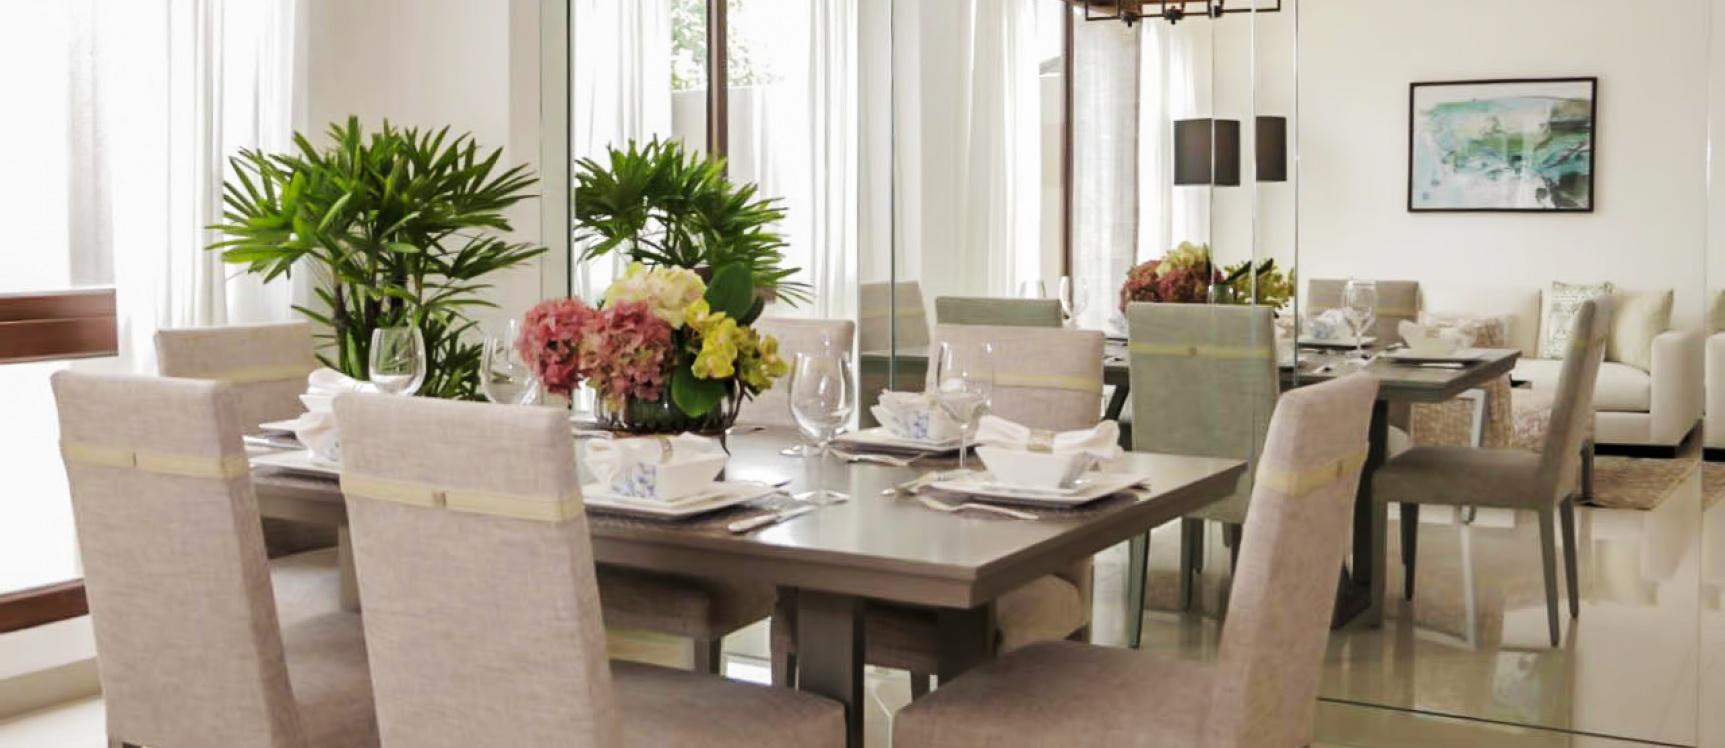 GeoBienes - Departamento en venta en condominio ubicado Samborondón - Plusvalia Guayaquil Casas de venta y alquiler Inmobiliaria Ecuador